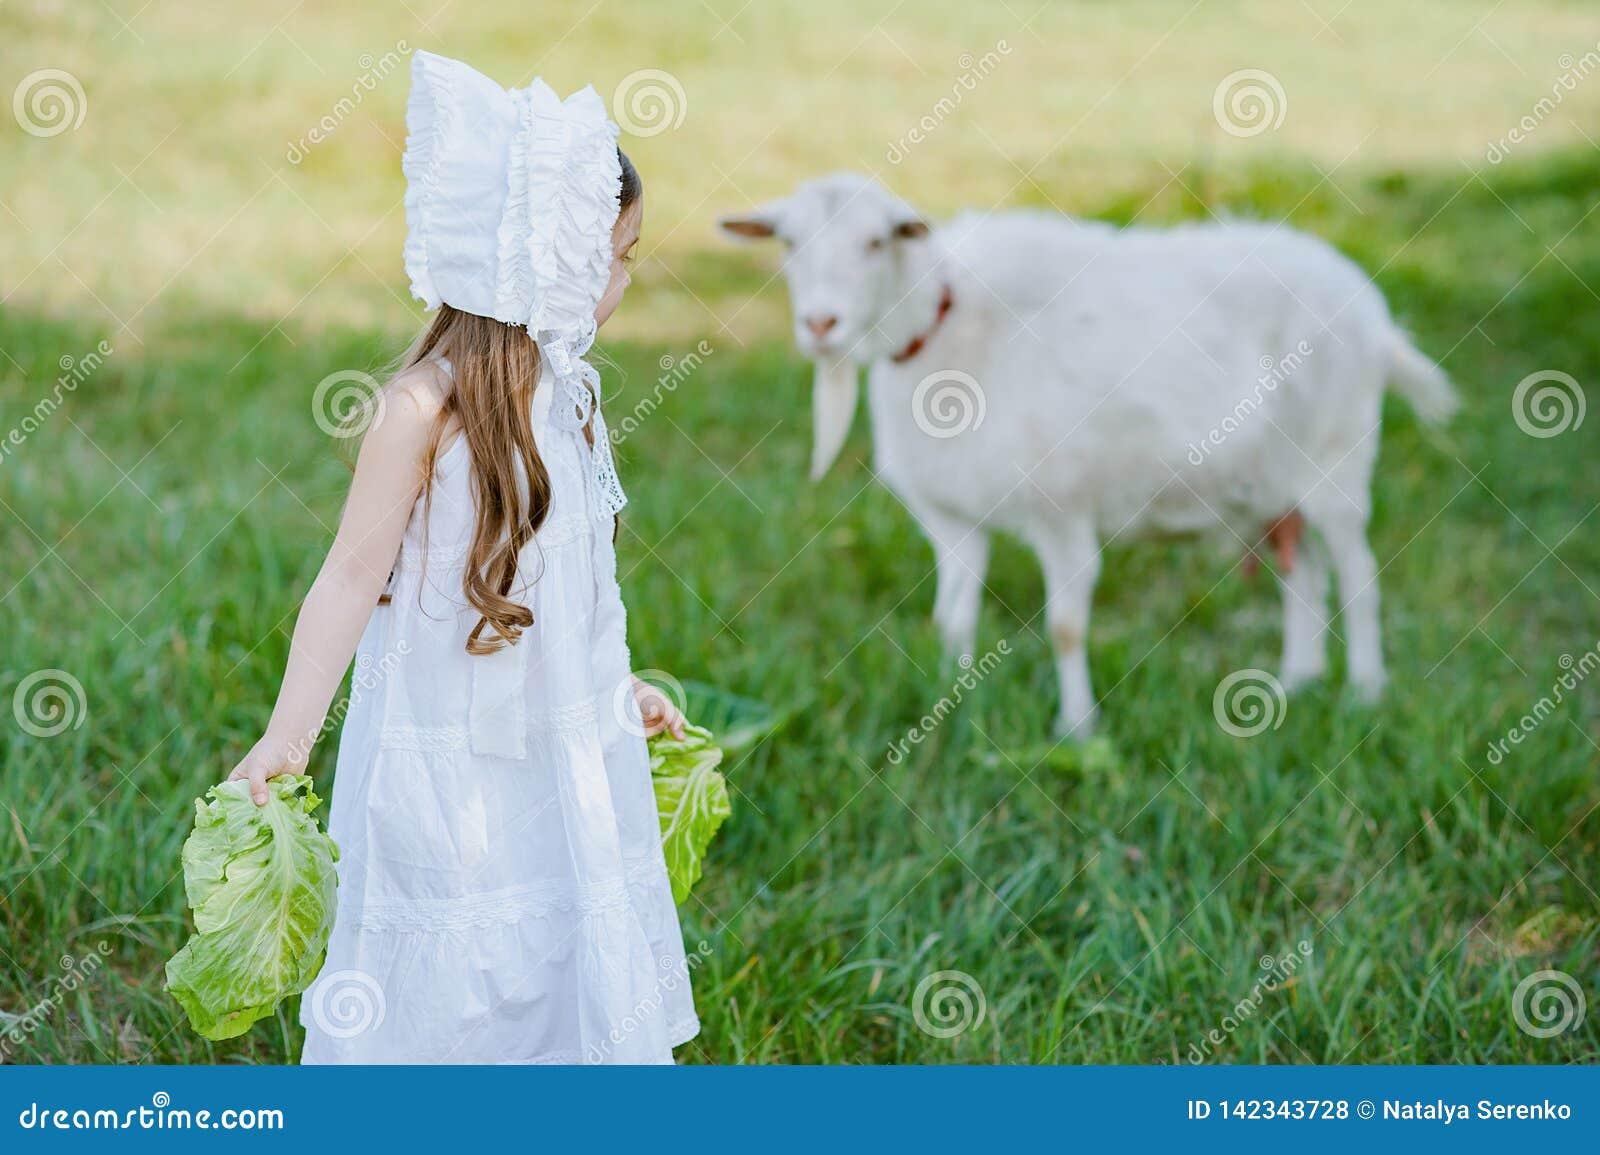 Ένα κορίτσι ποιμένων σε ένα άσπρα φόρεμα και ένα καπό ταΐζει μια αίγα με τα φύλλα λάχανων Τομέας αιγών σίτισης παιδιών την άνοιξη